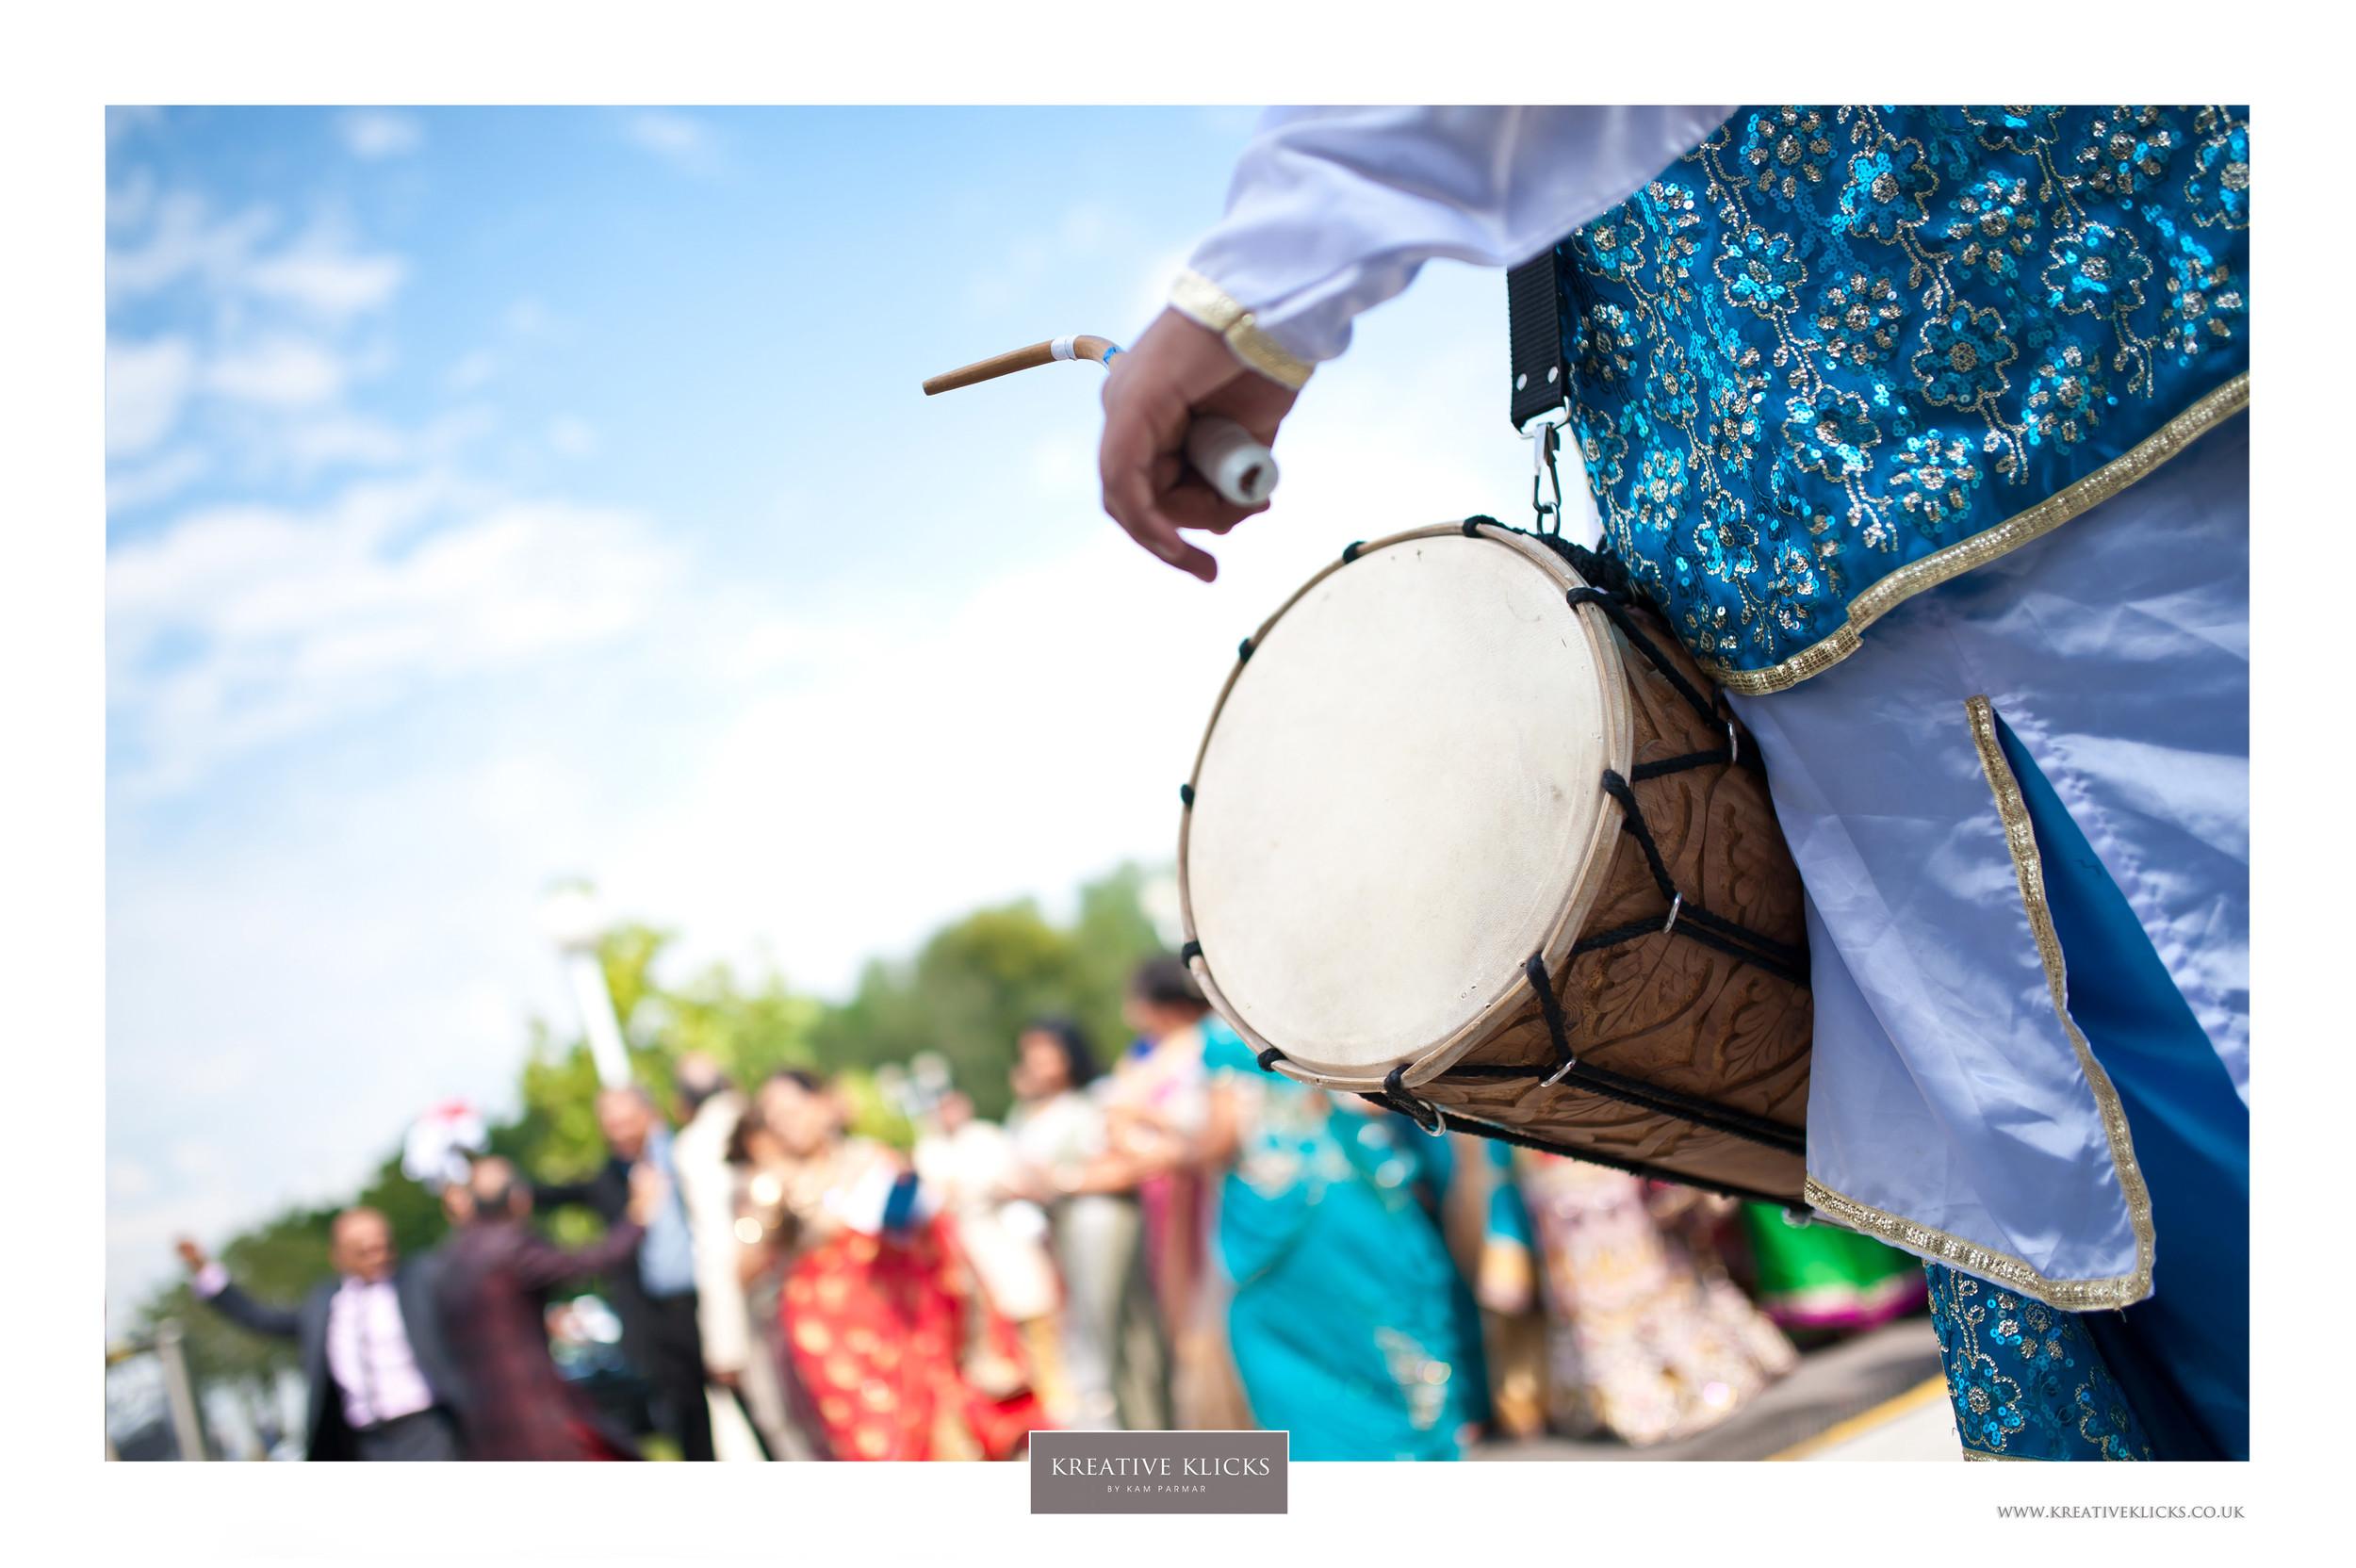 H&M_Hindu-170 KK.jpg